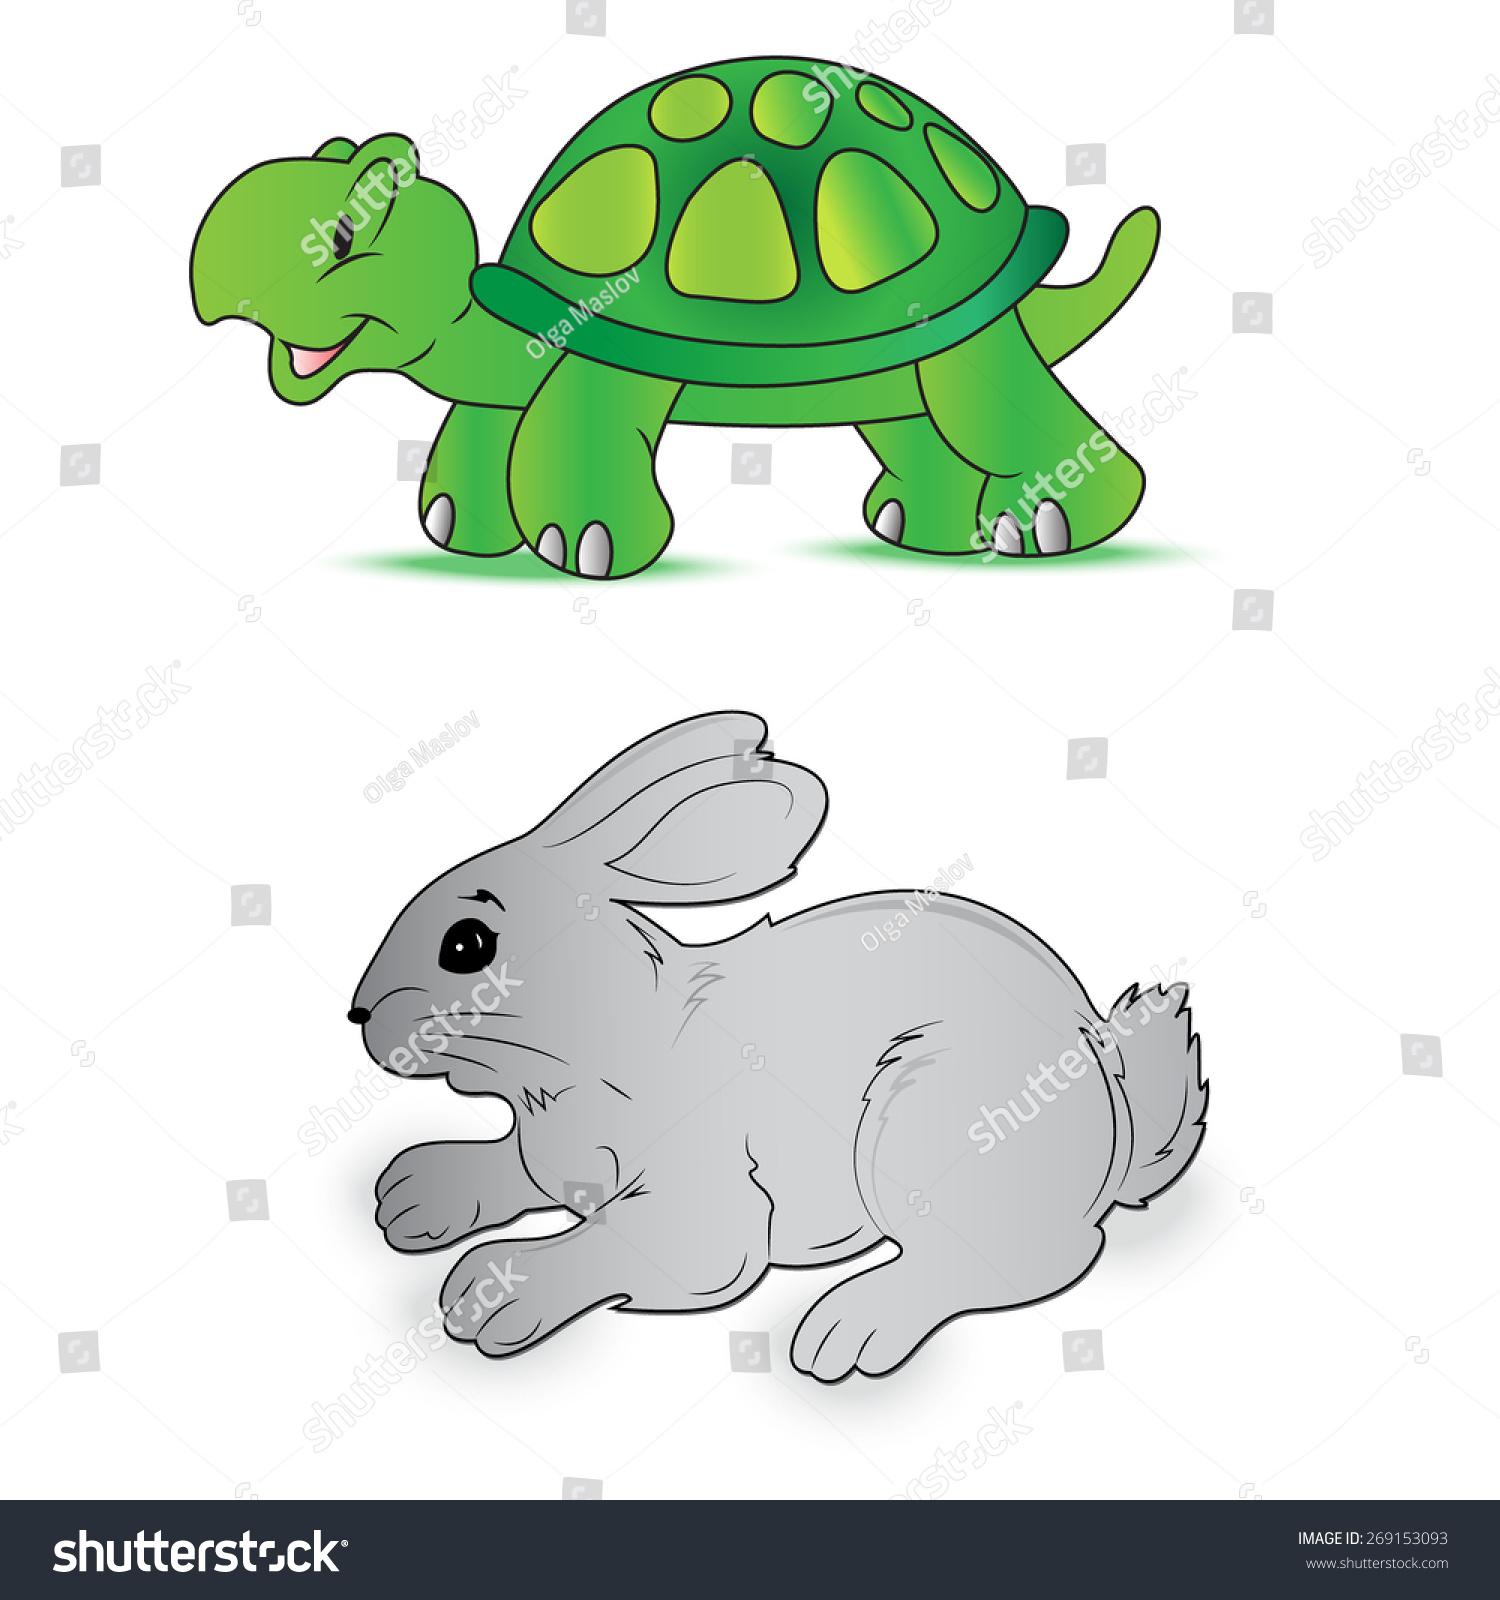 剪贴画-动物/野生生物